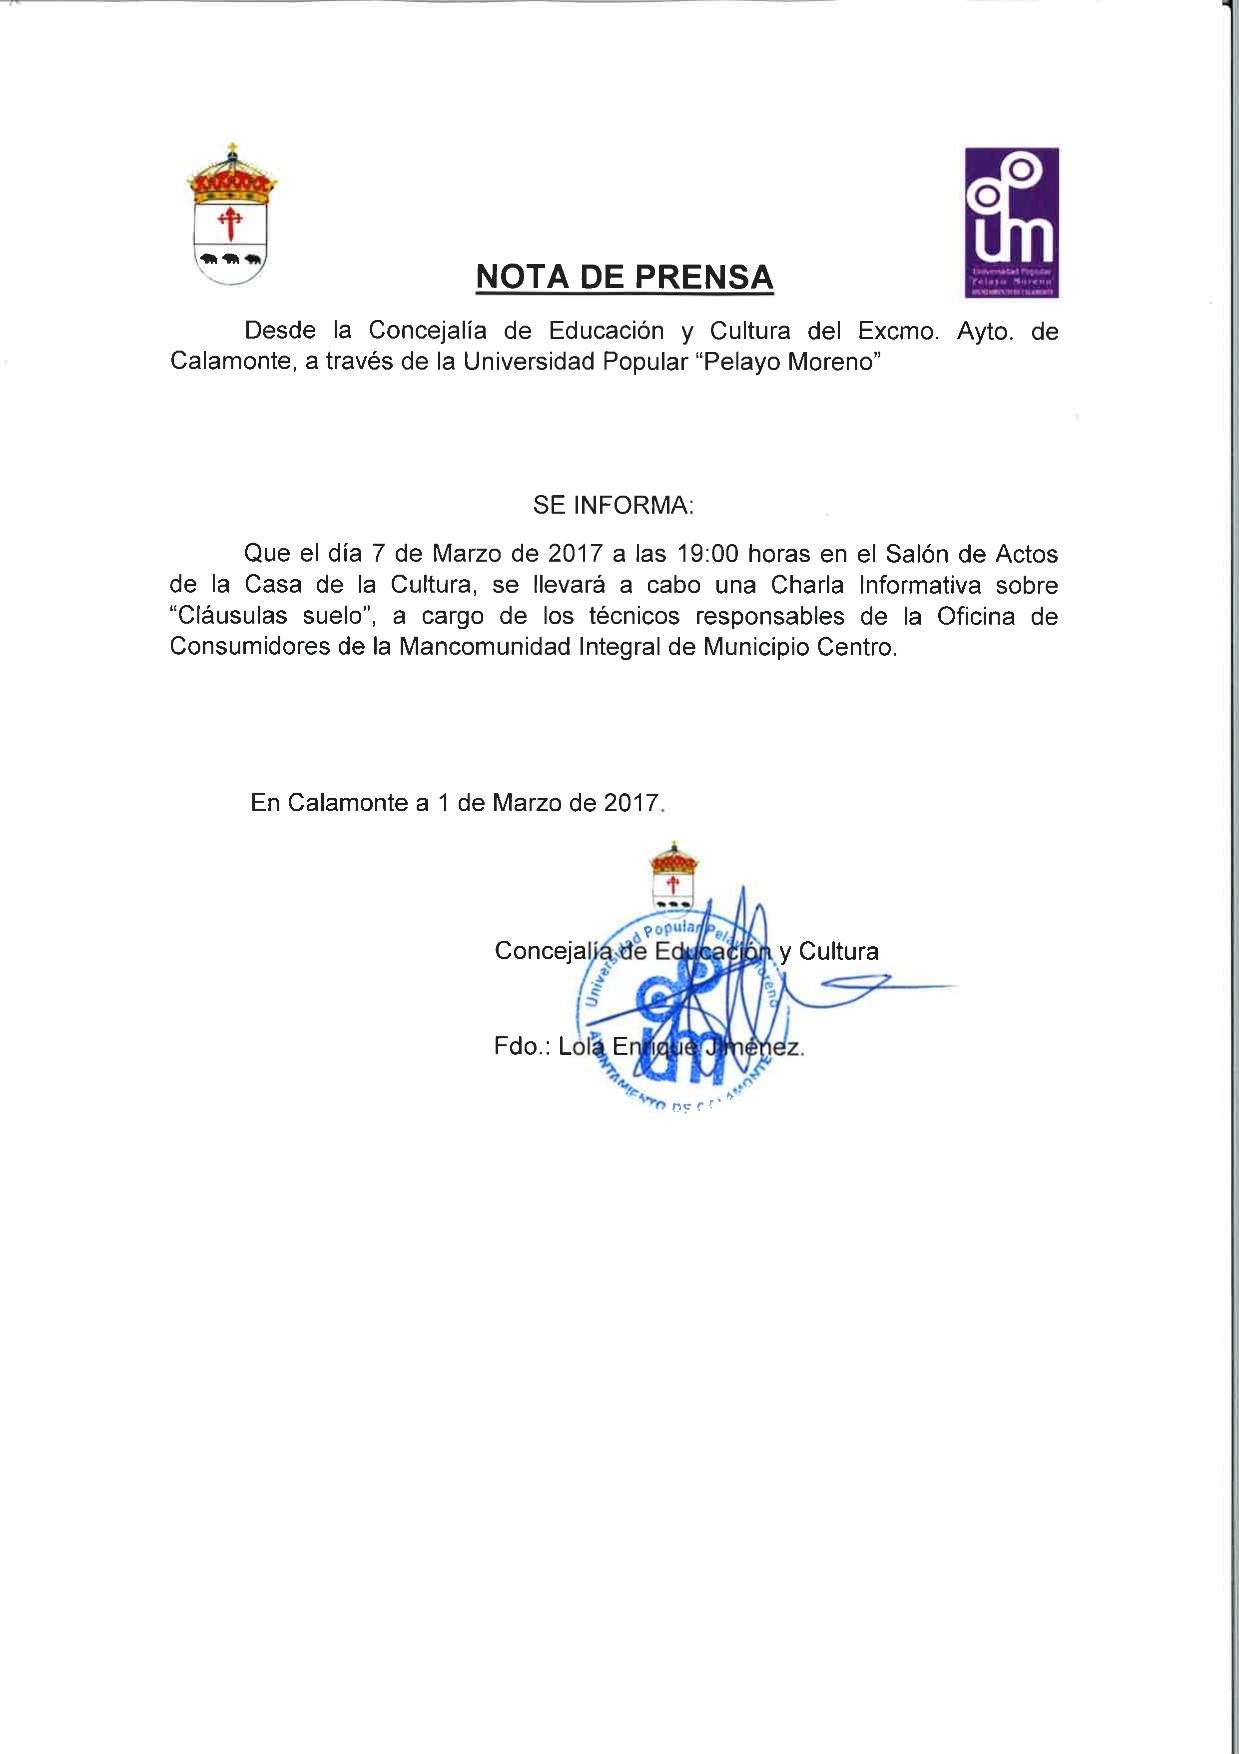 Excmo ayuntamiento de calamonte charla informativa for Novedades clausula suelo